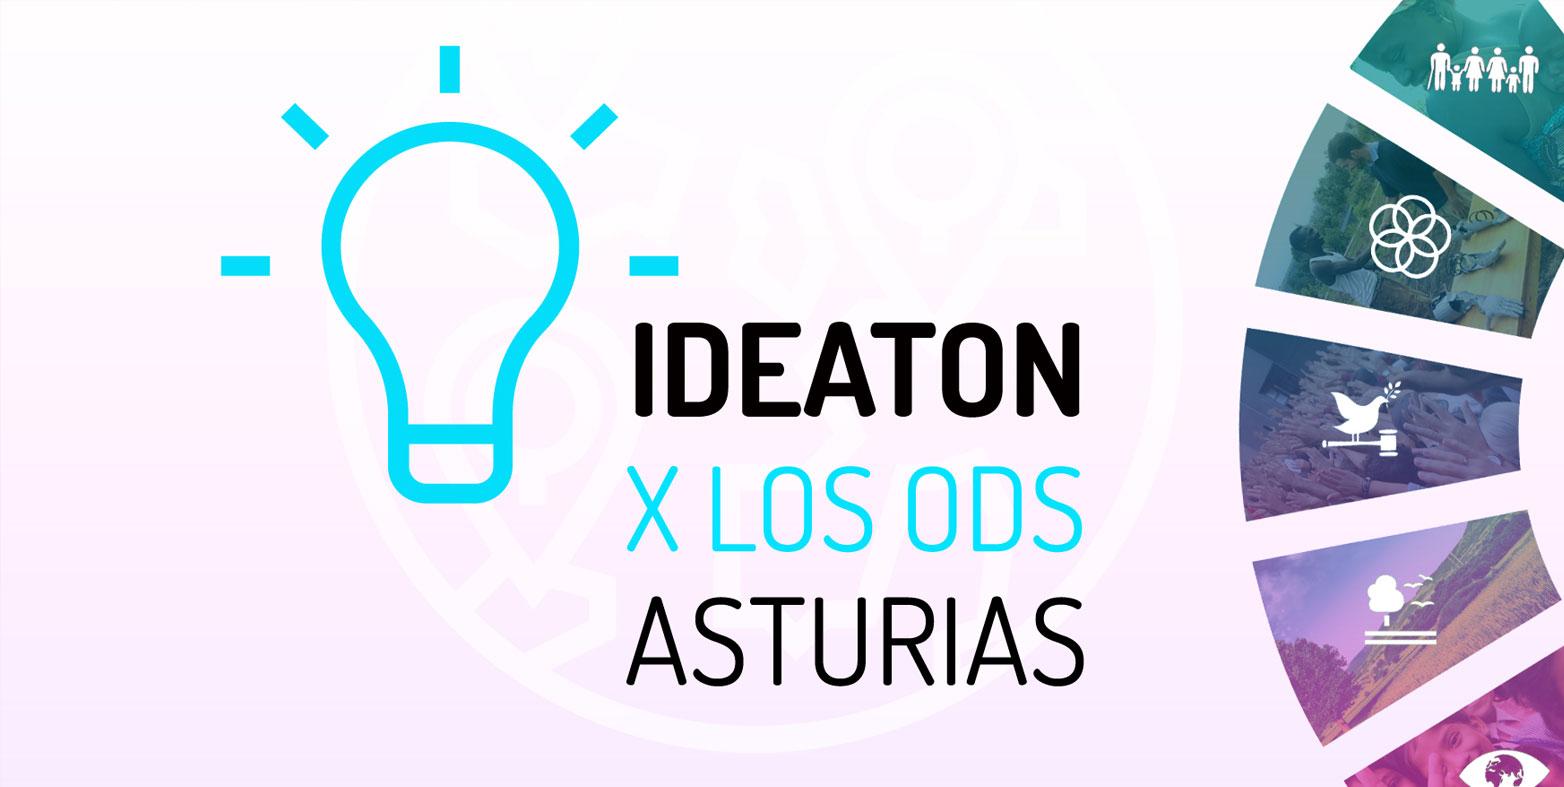 Participa en el ideatón de Asturias por los ODS ¡Únete con tu reto!